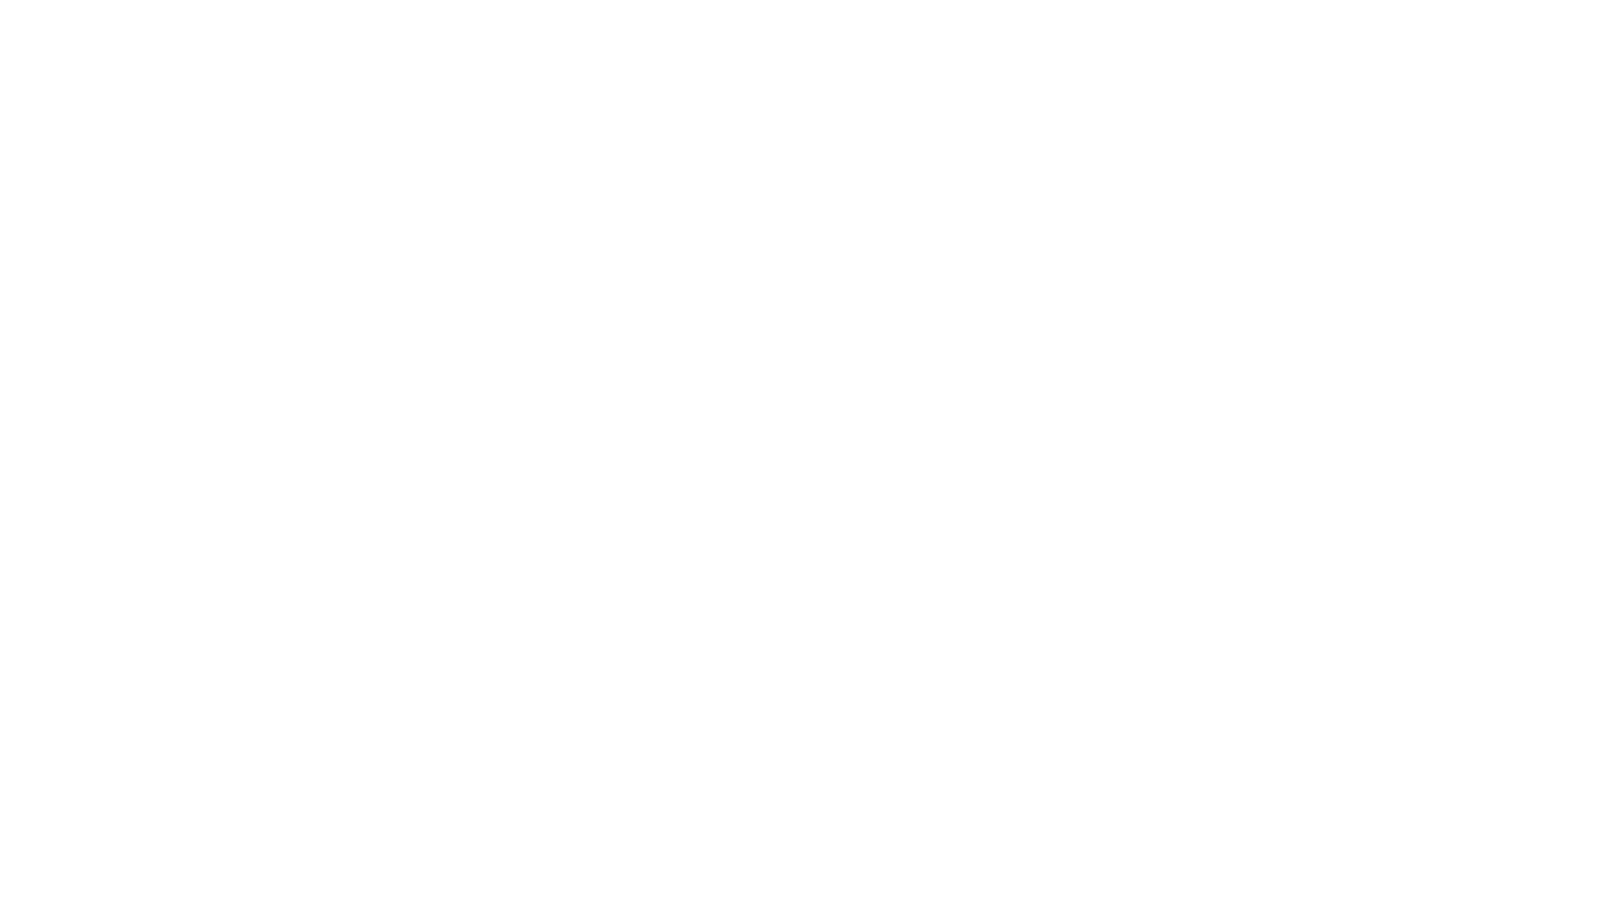 In diesem Video erkläre ich die Funktionen und Eigenheiten des Fliessenwerkzeugs von MoI3D.